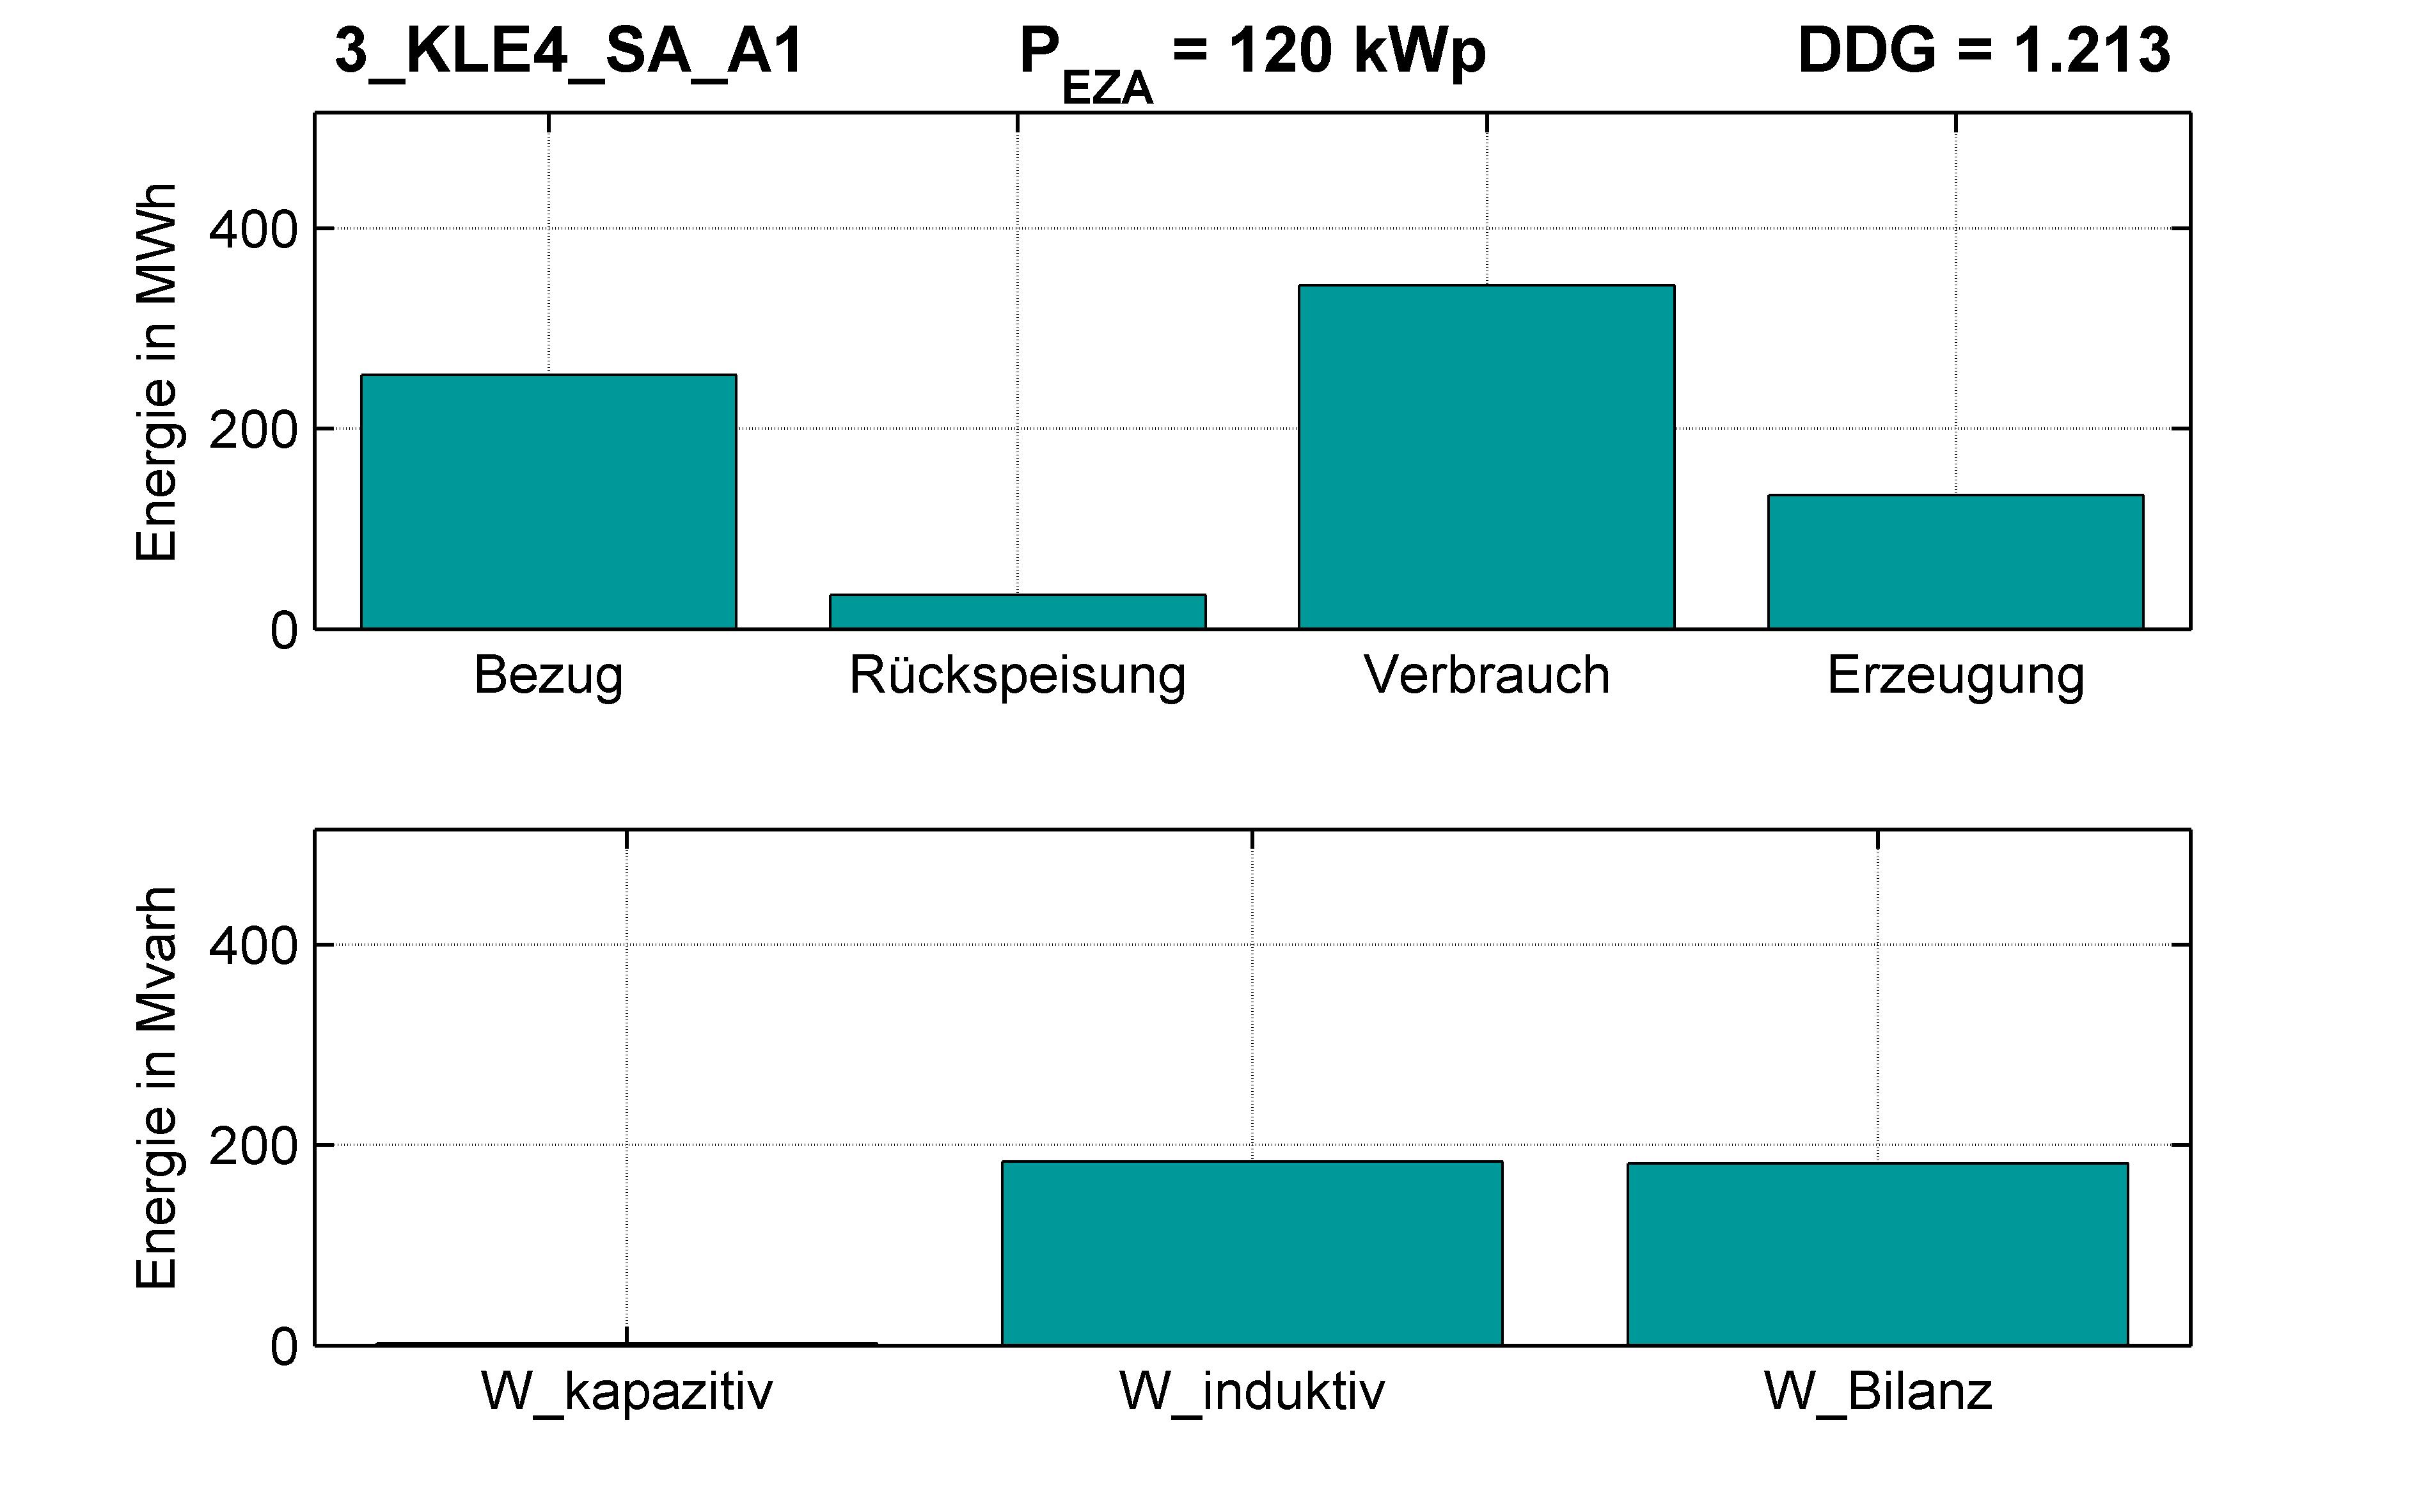 KLE4 | P-Kappung 70% (SA) A1 | PQ-Bilanz